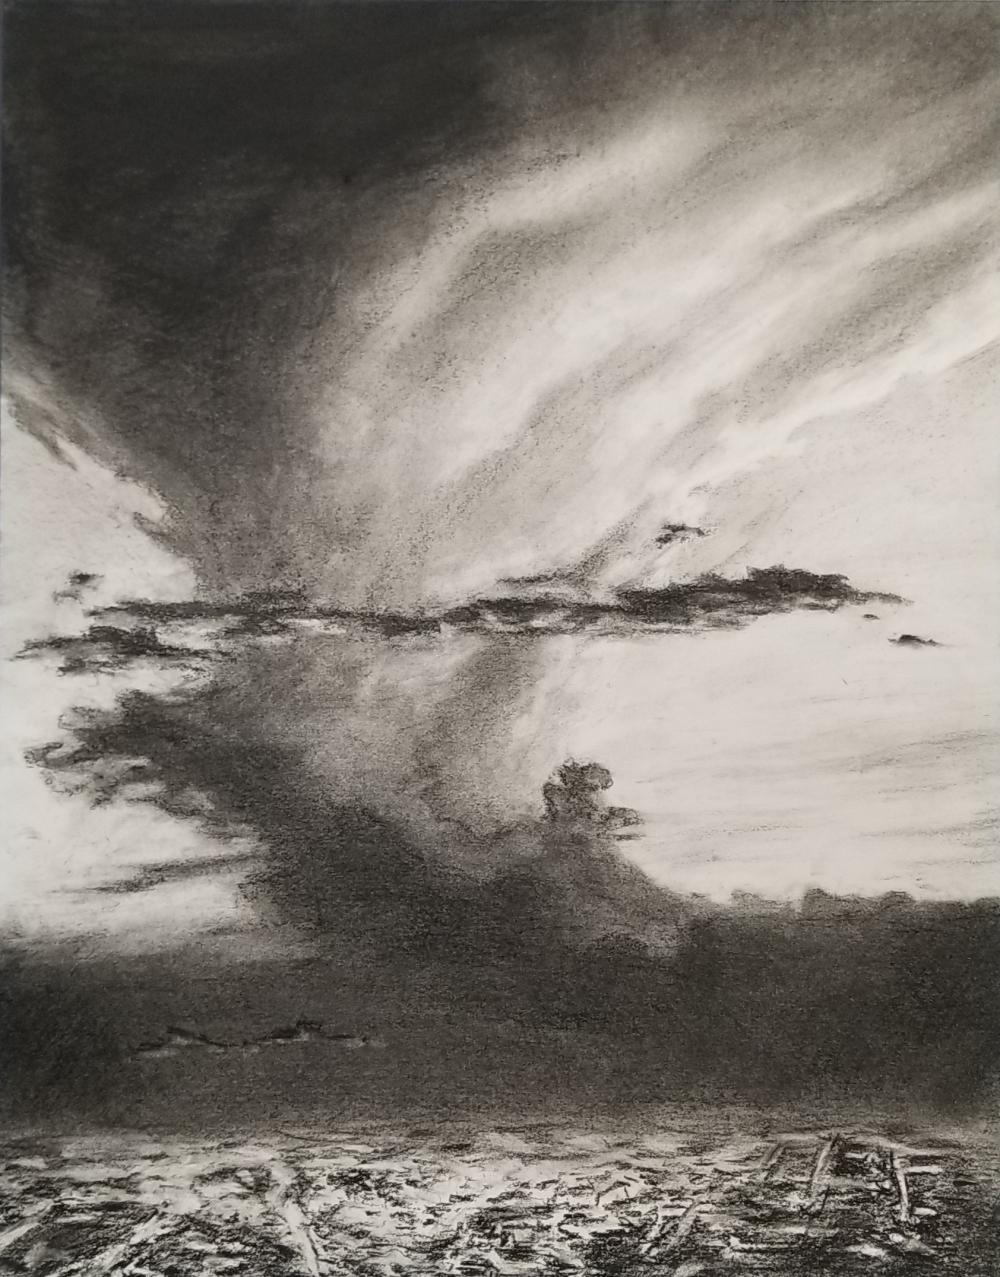 Storm over Houston